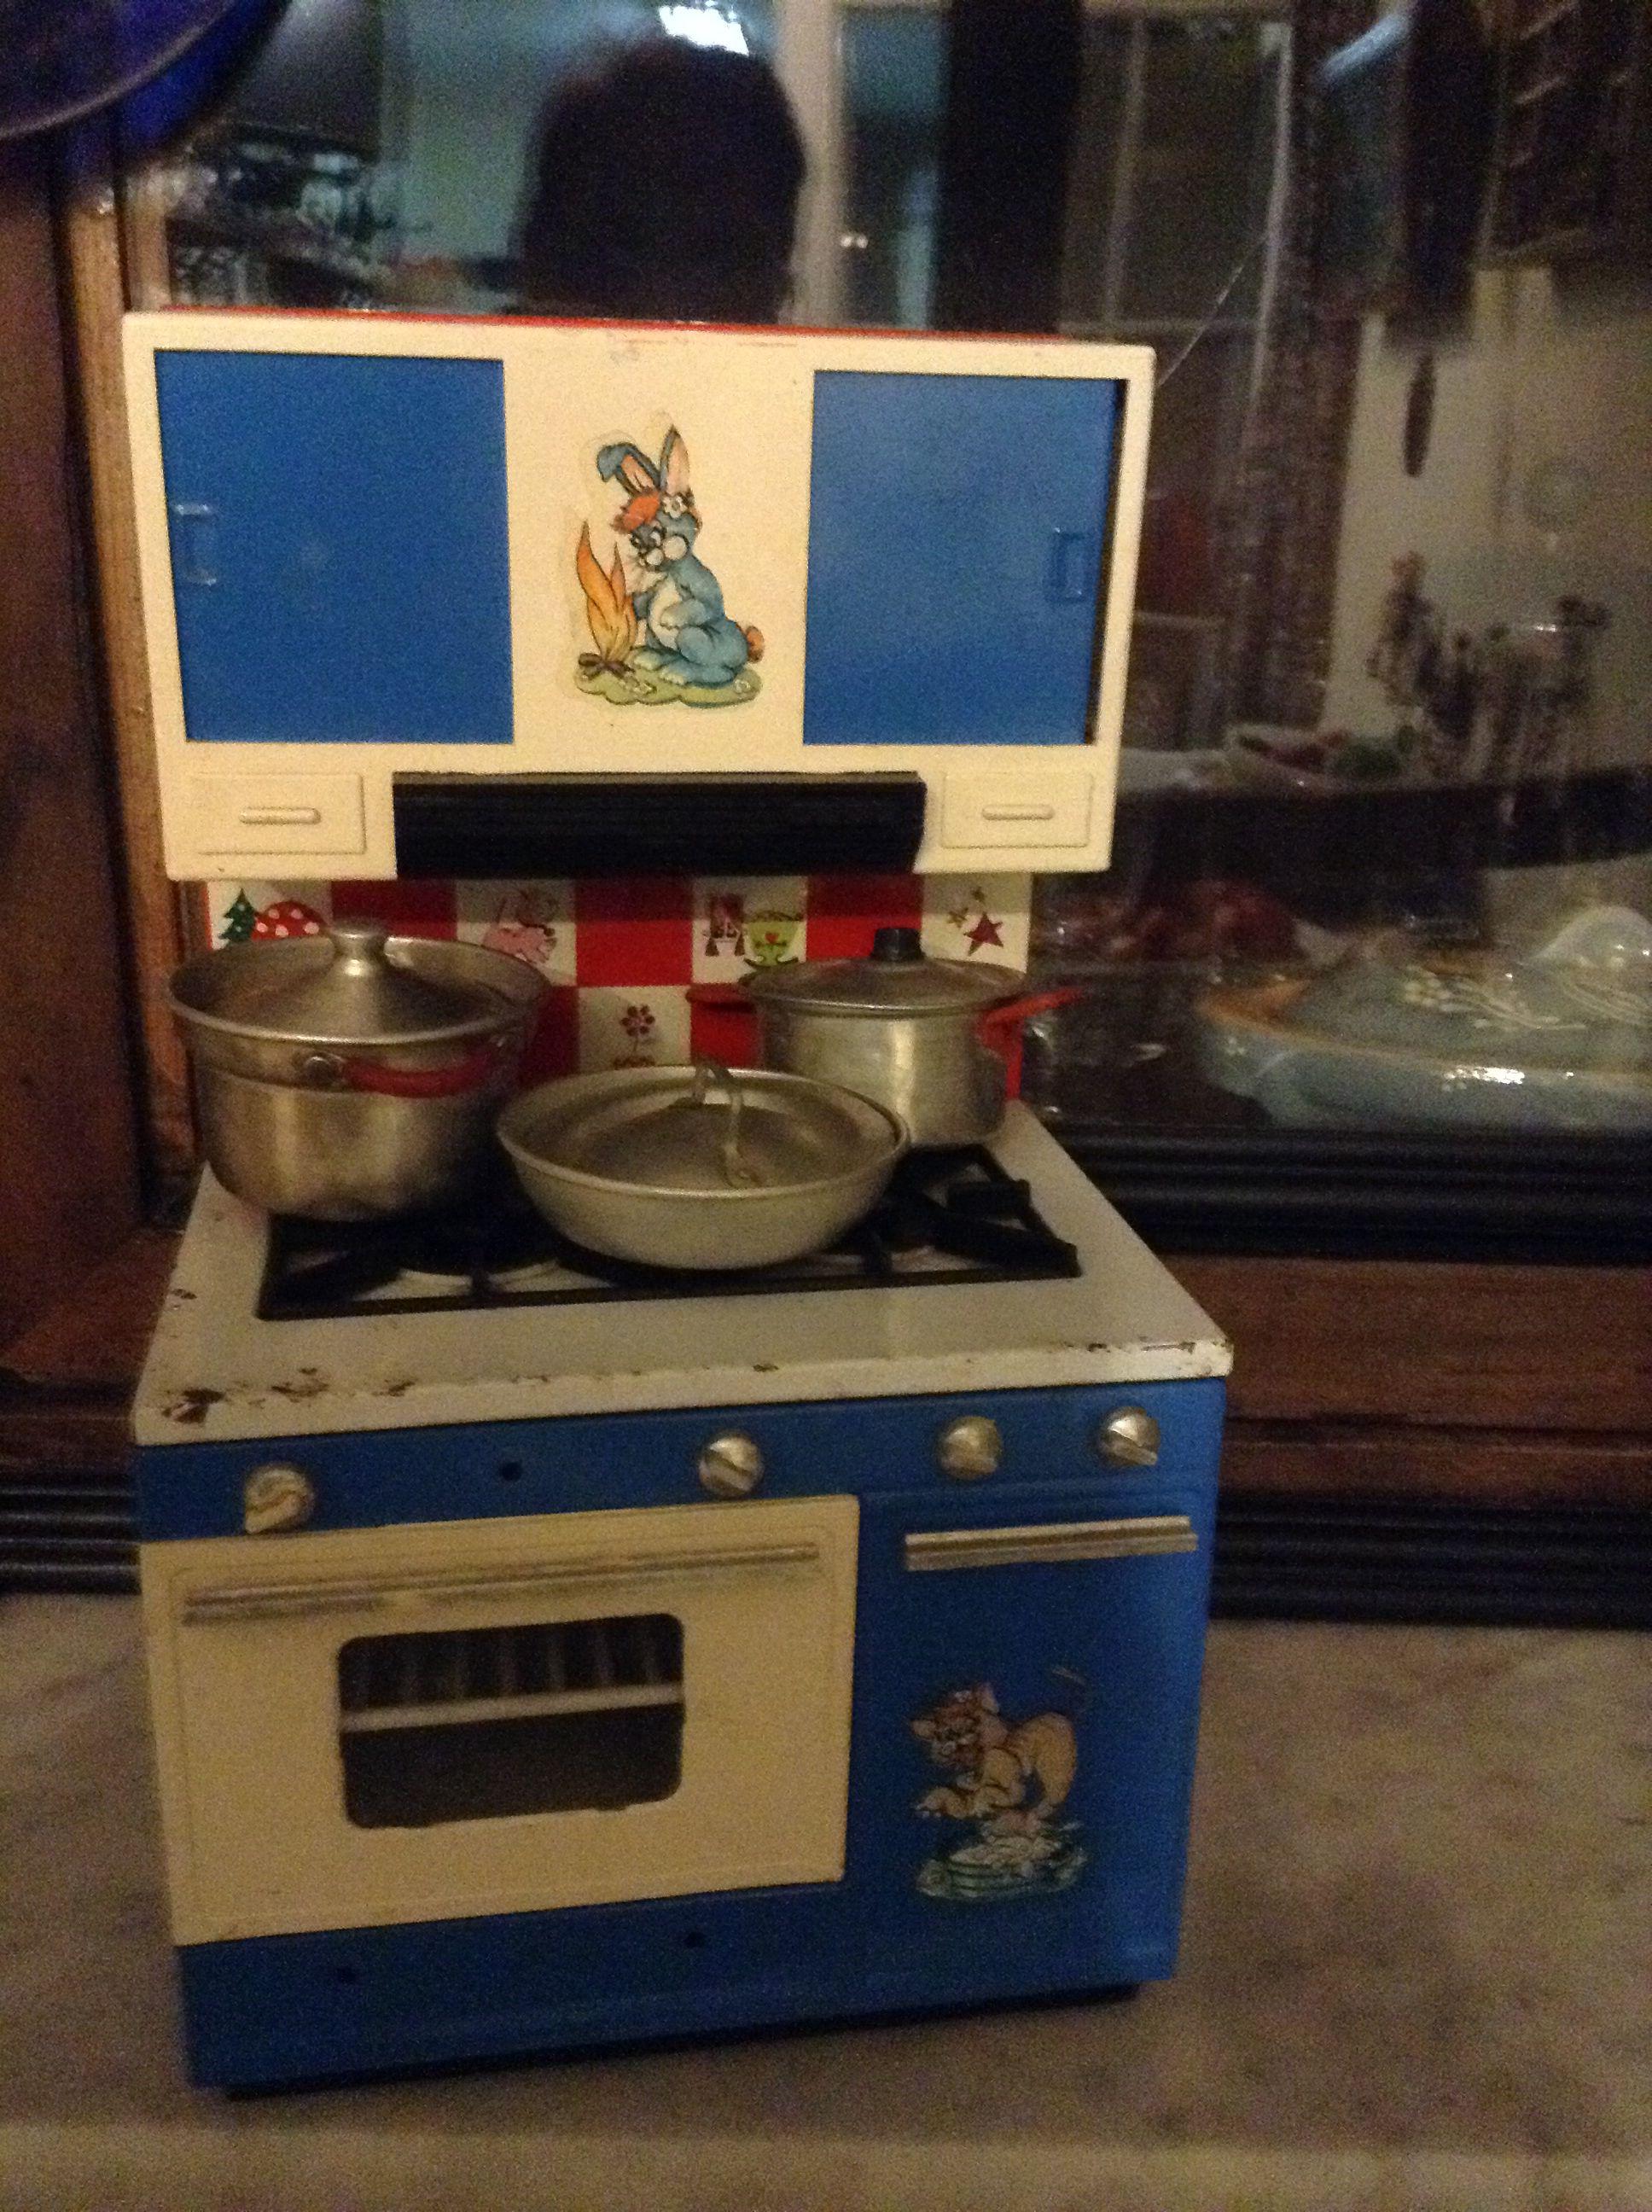 Colccionando cocinitas